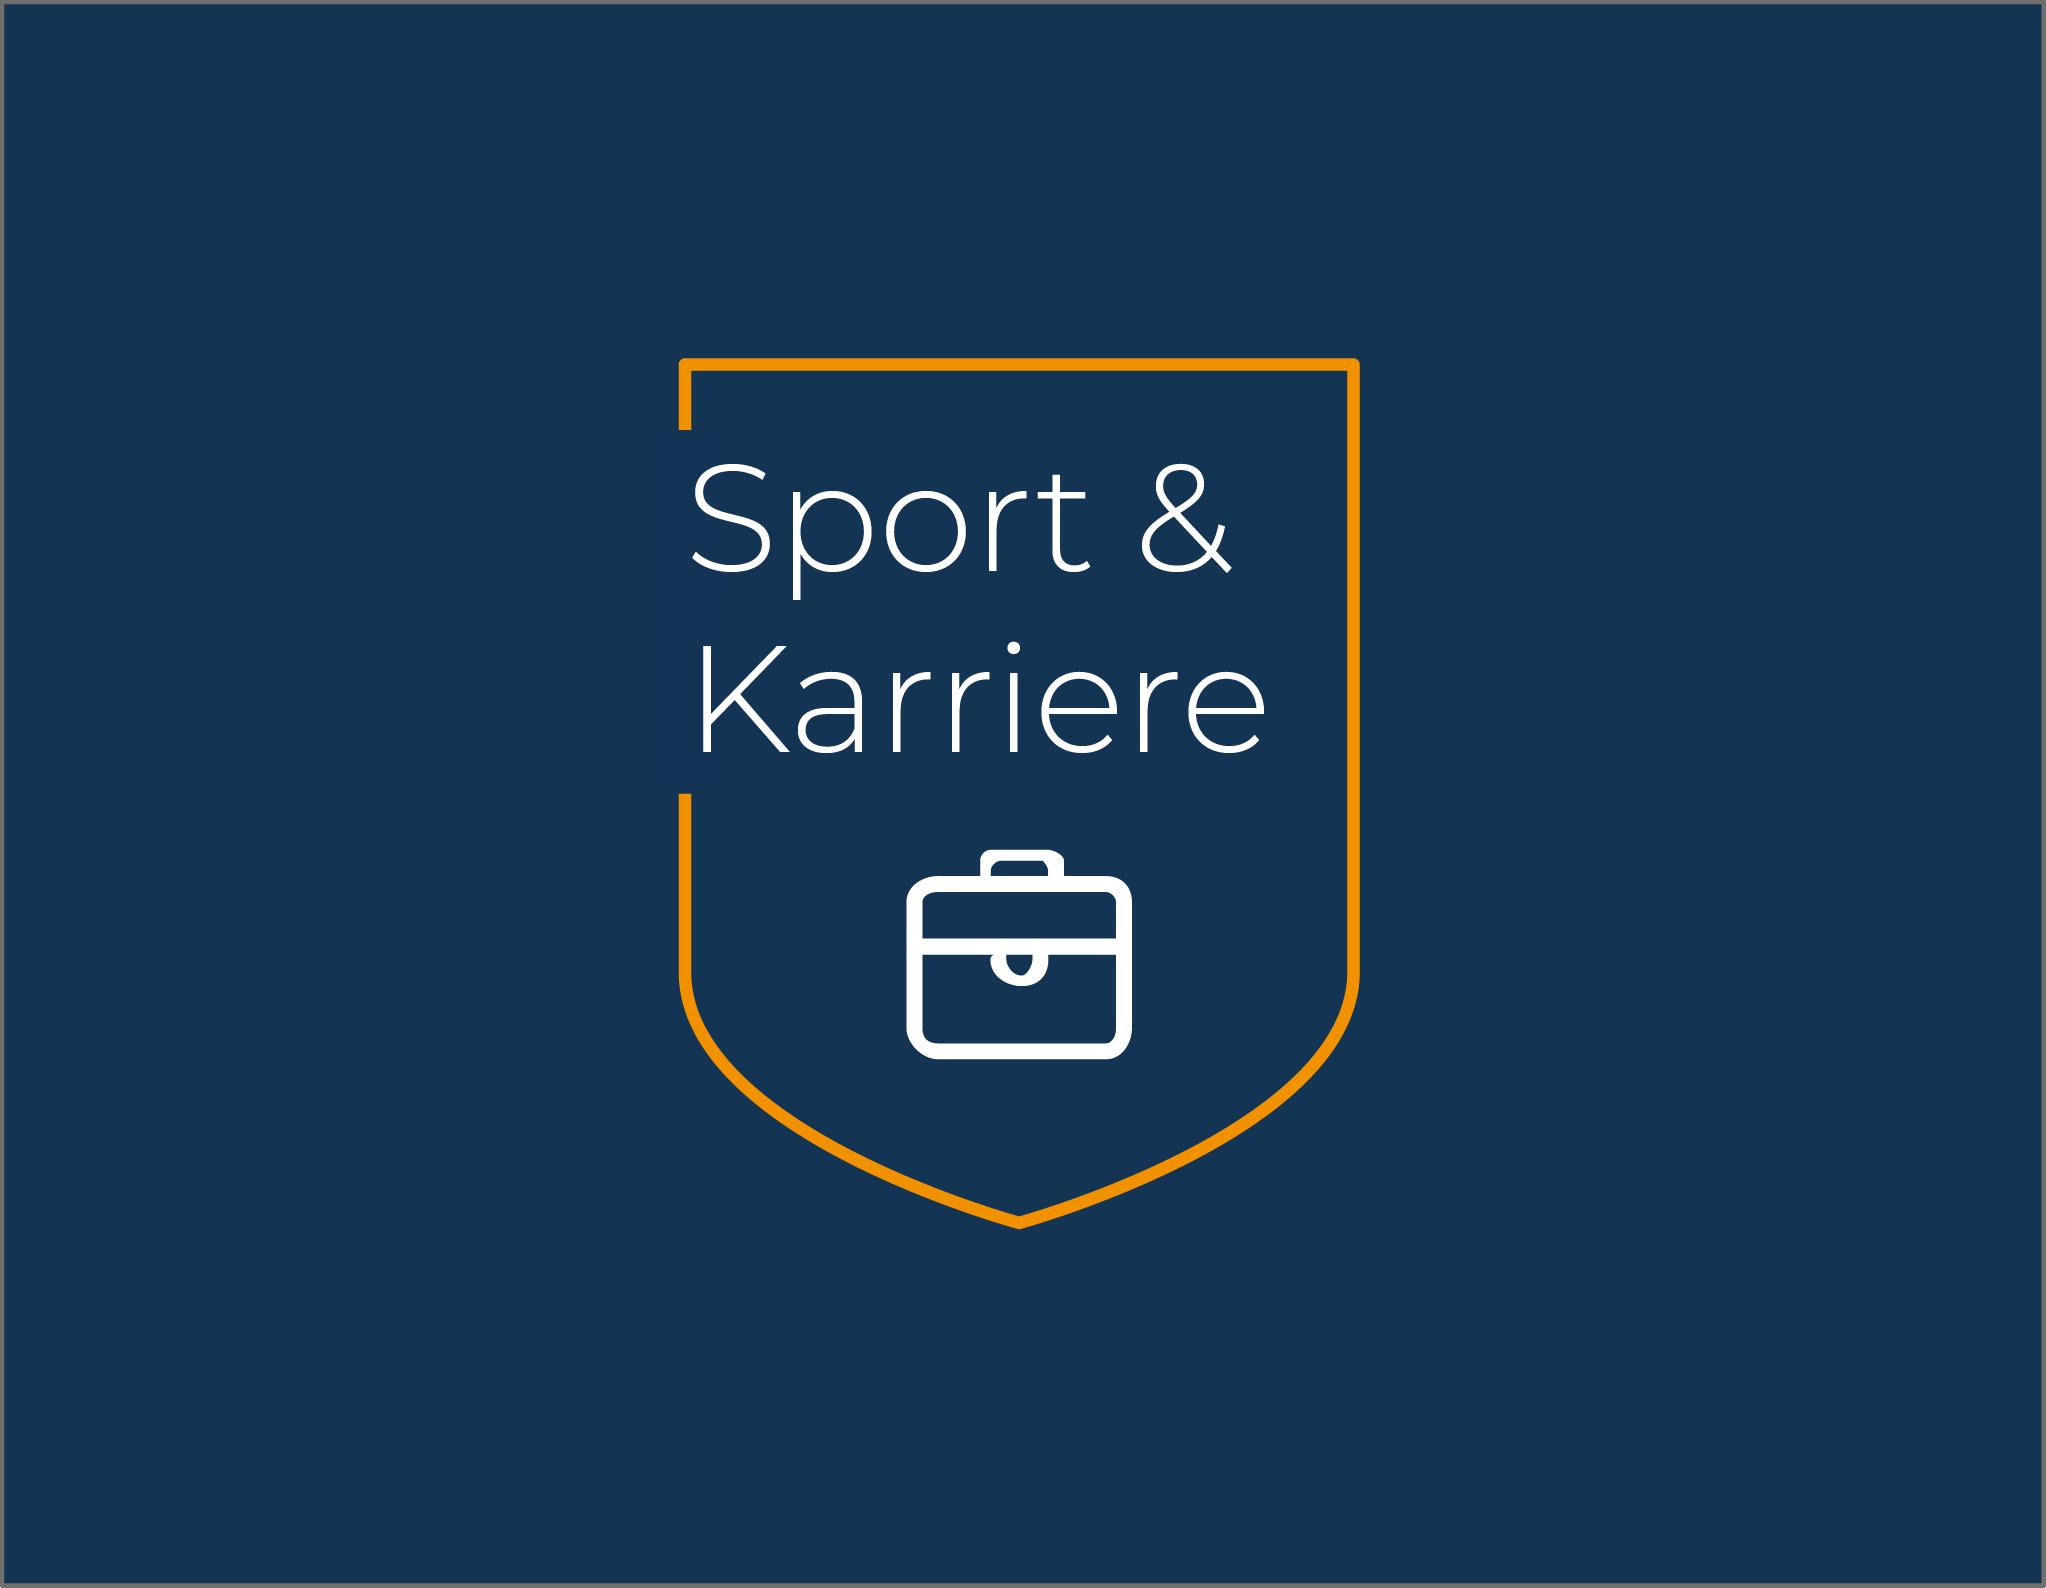 Sport und Karriere - Arbeitsmarkt Sport